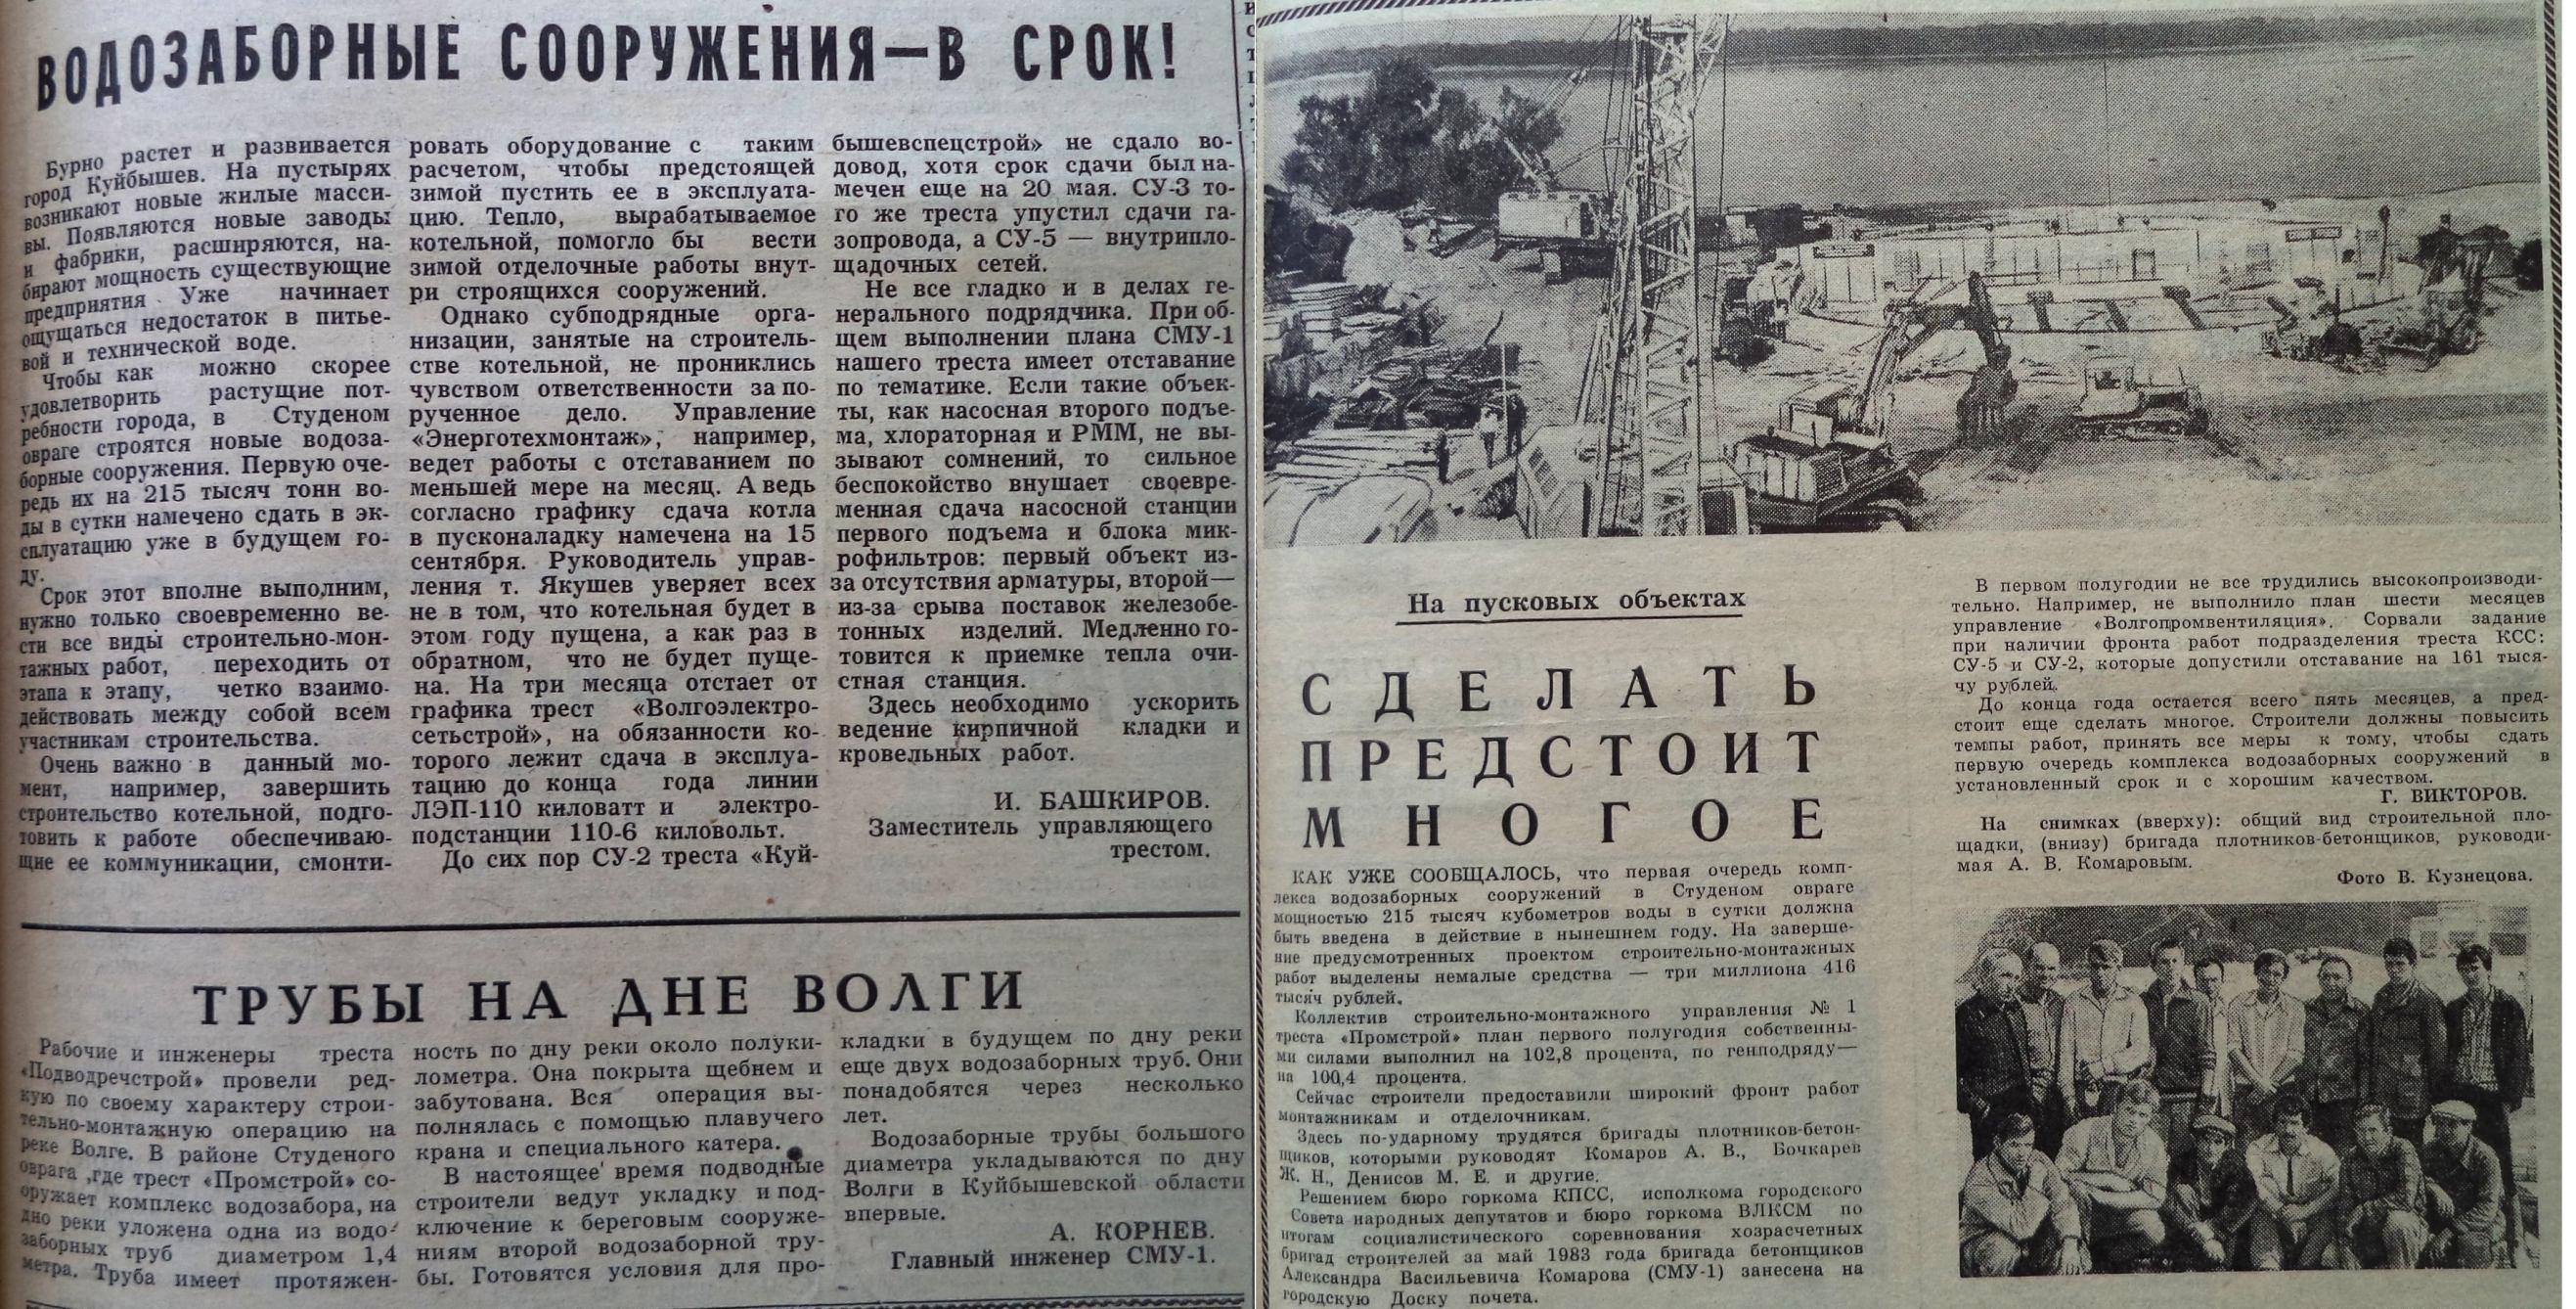 Студёный овраг-ФОТО-13-Трибуна Строителя-1982-2 сентября-min